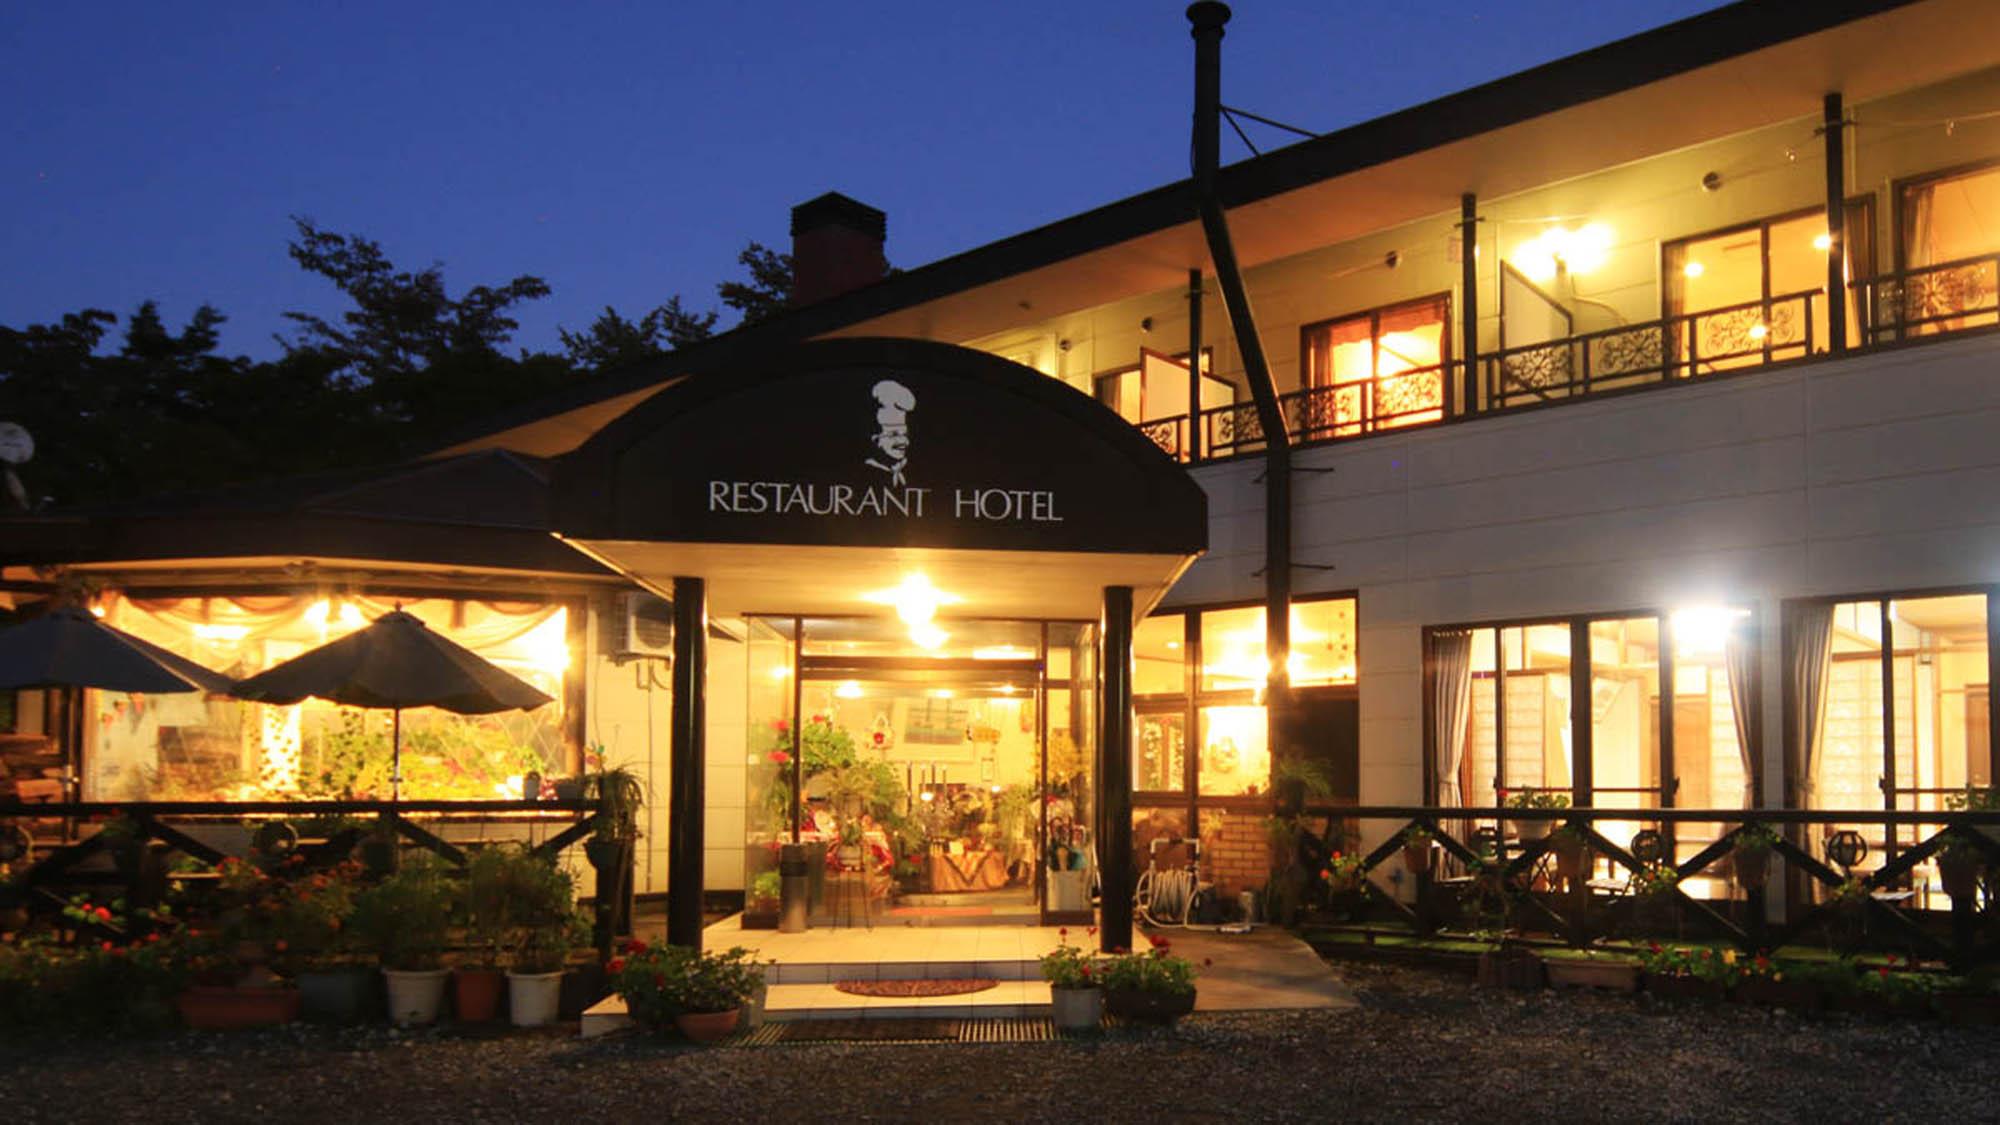 レストランホテル 茶居夢